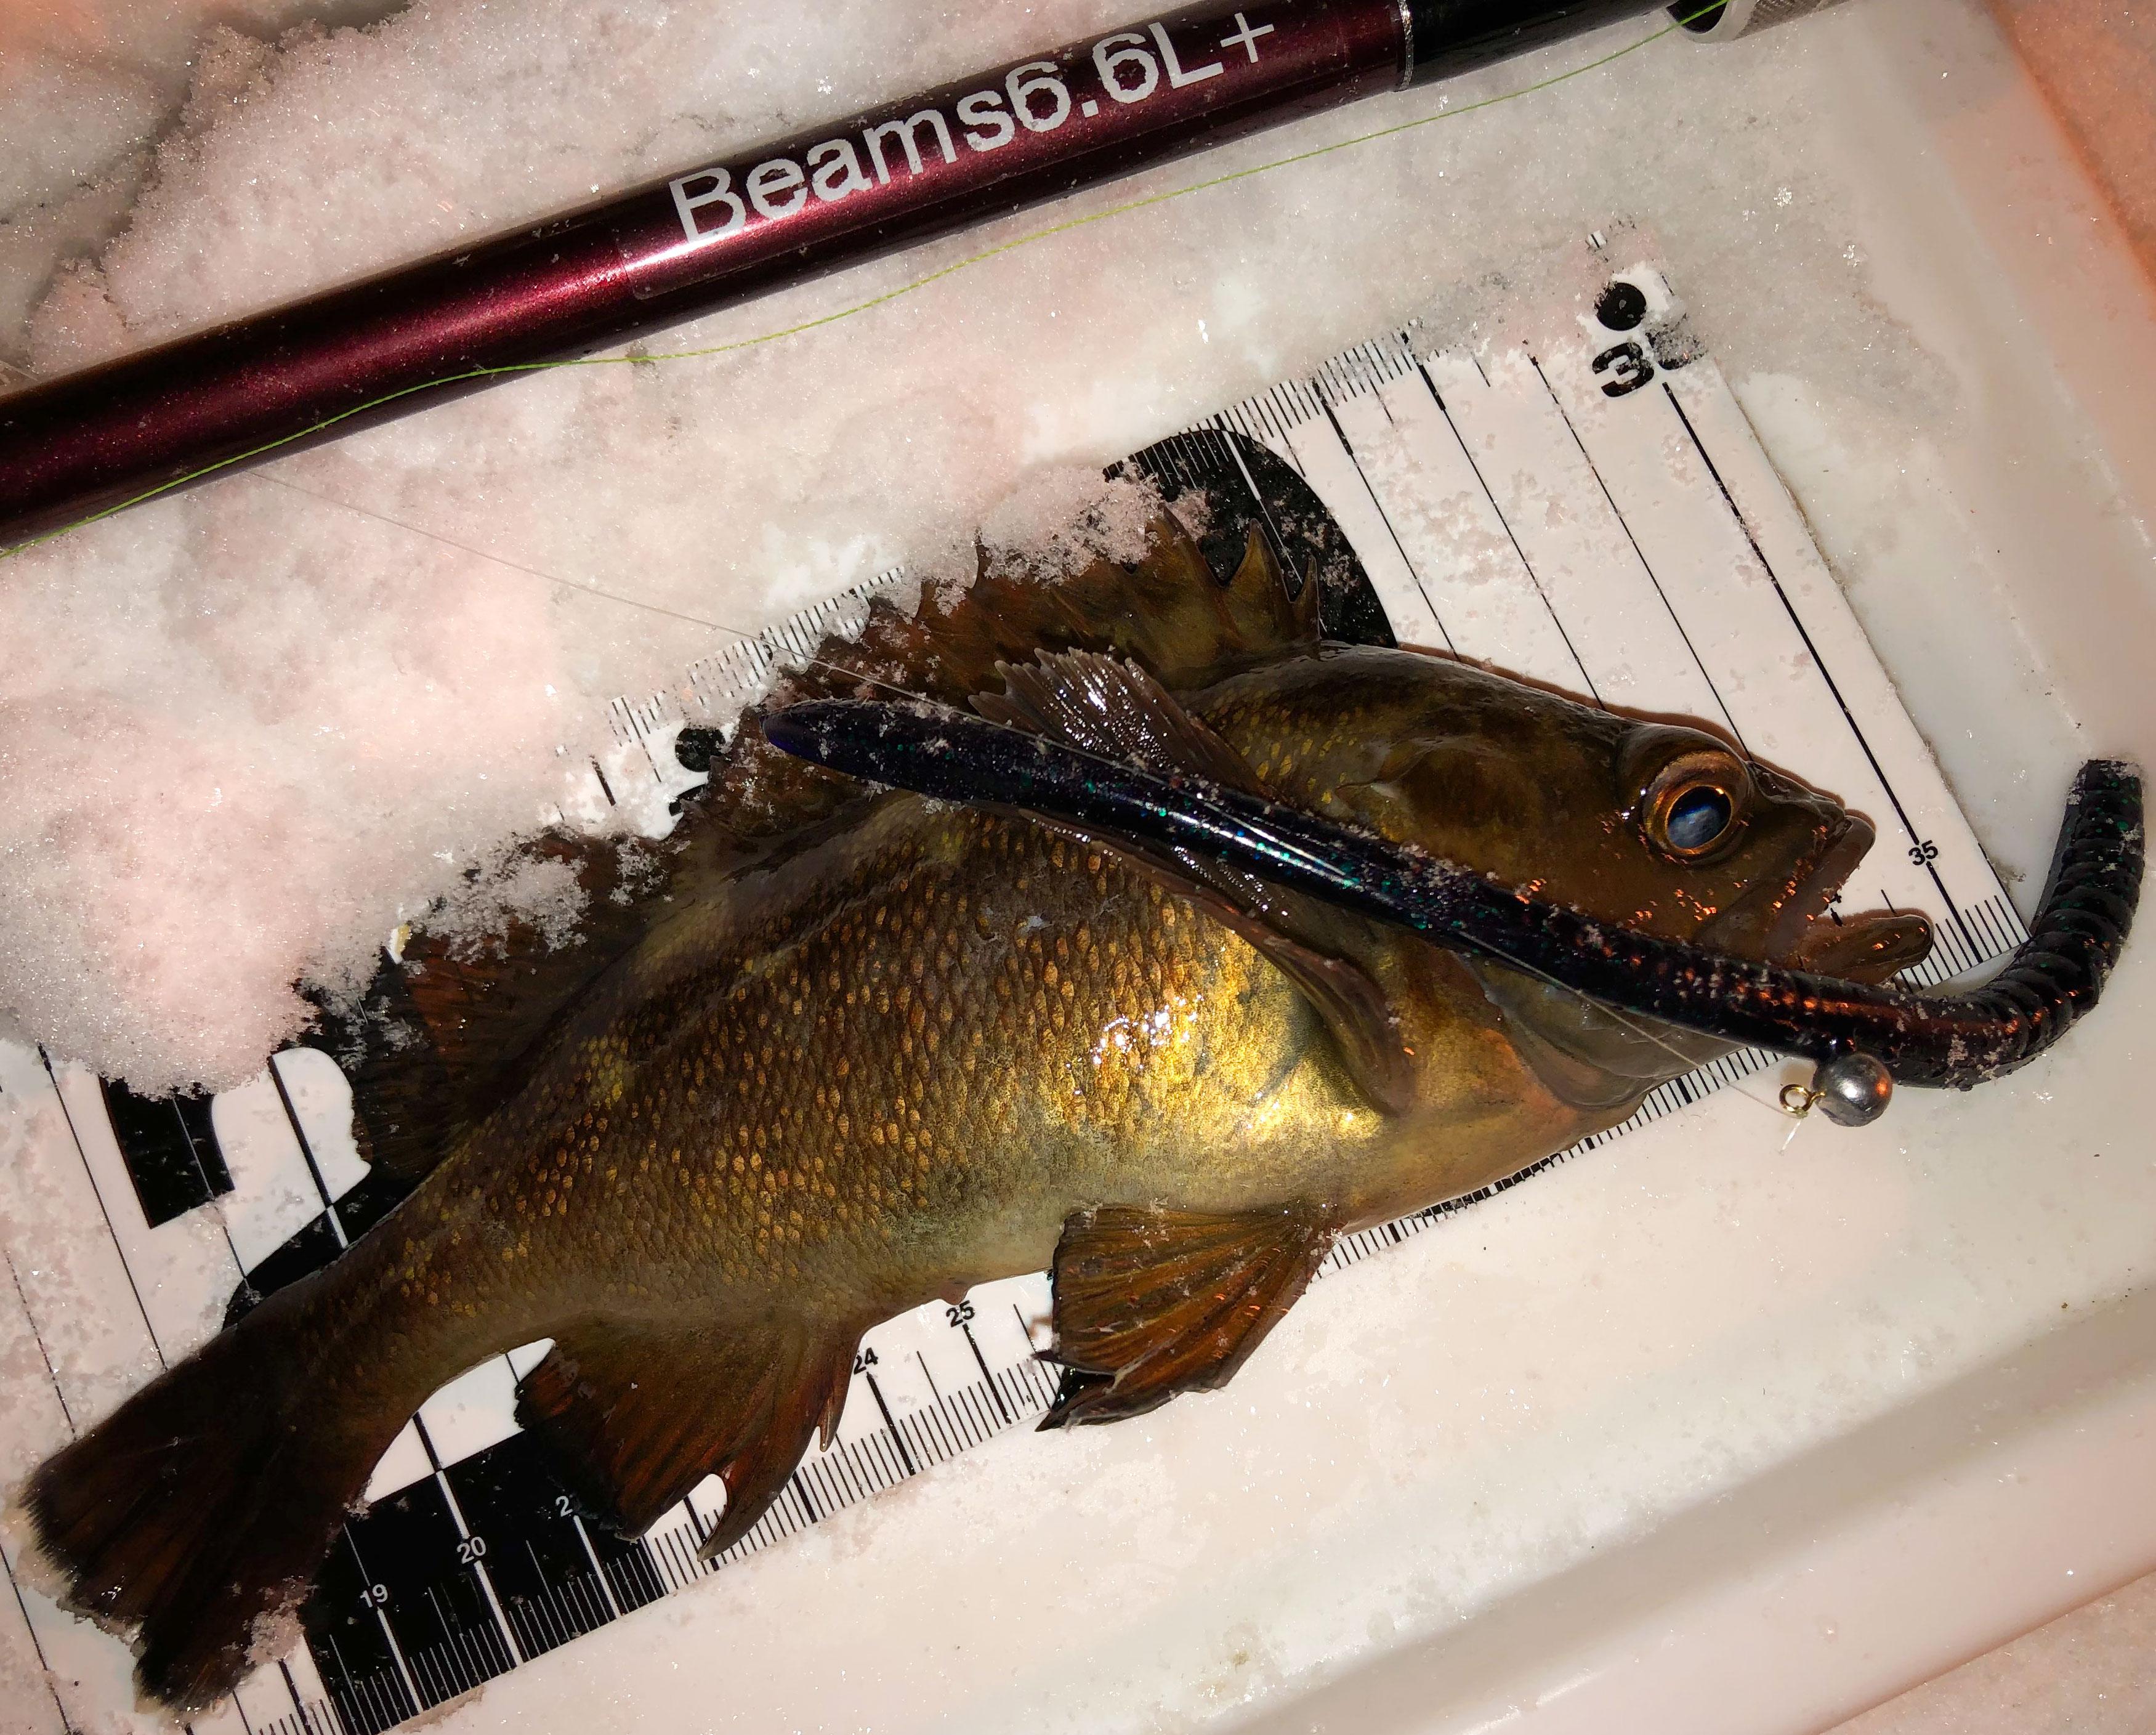 AUX霜上が北海道の冬の定番リグでエゾメバルを狙う。ロックフィッシングはお手軽で楽しい冬の癒し釣り!